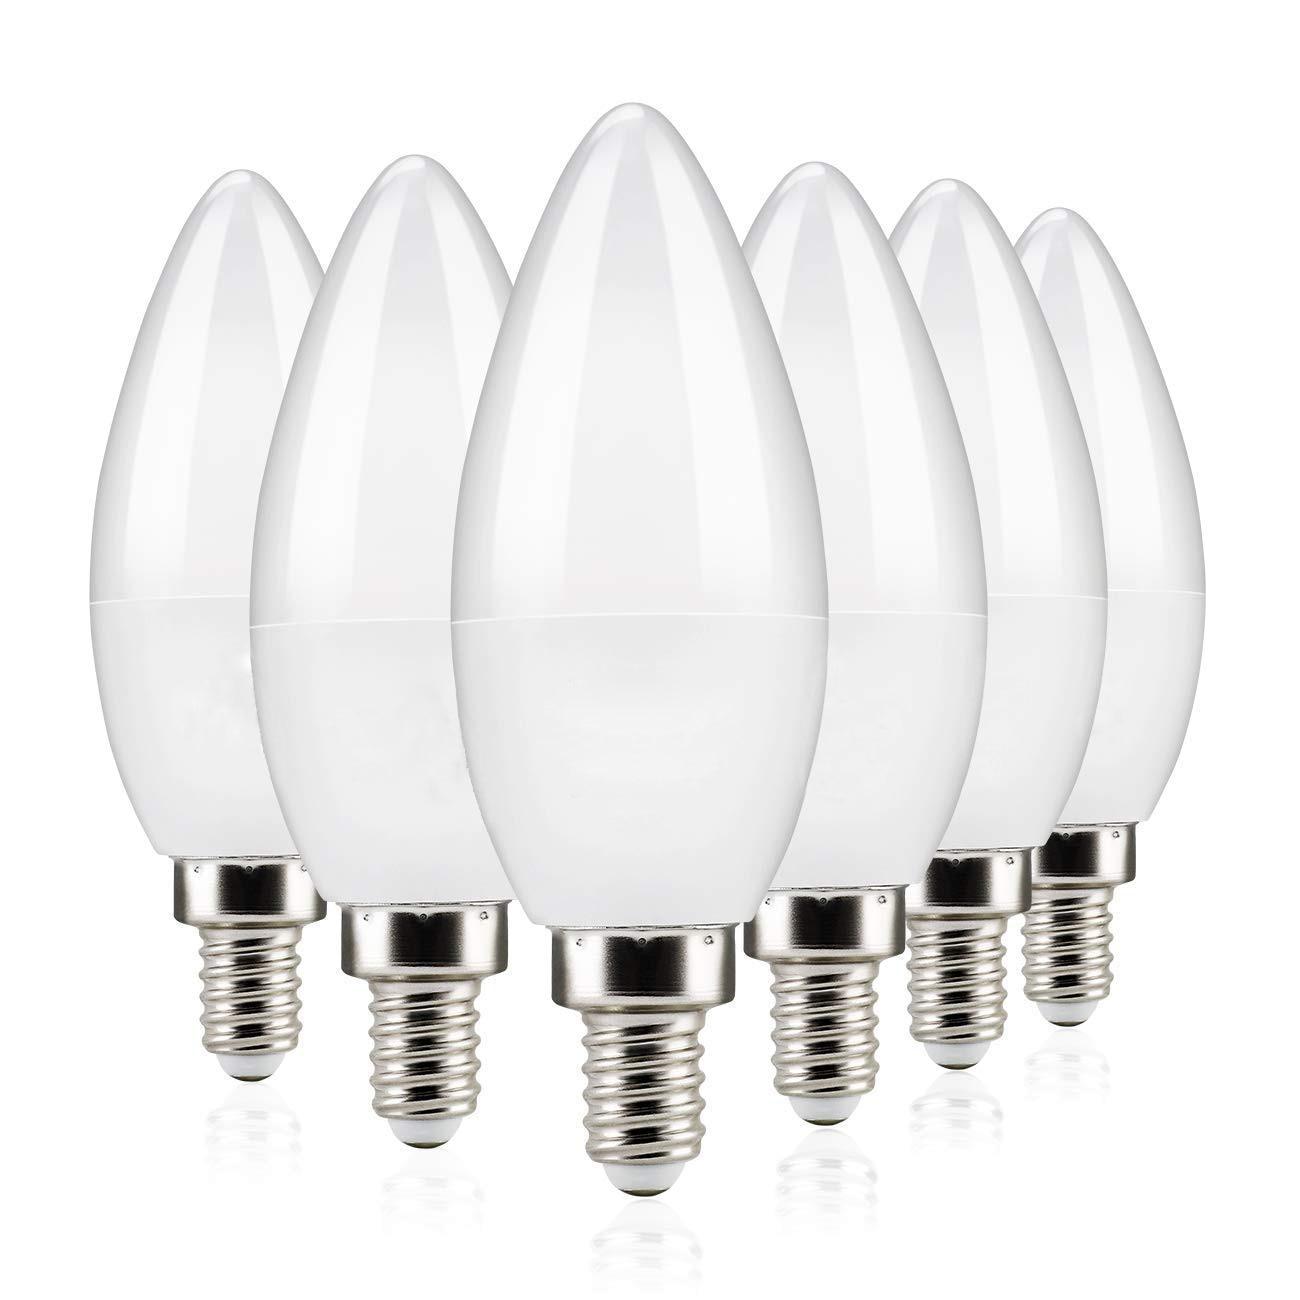 Bombilla de vela Led E14 de alto brillo 110V 220V foco de ahorro de energía cálido/fresco blanco chandlier lámpara de cristal bombolas Luz de hogar